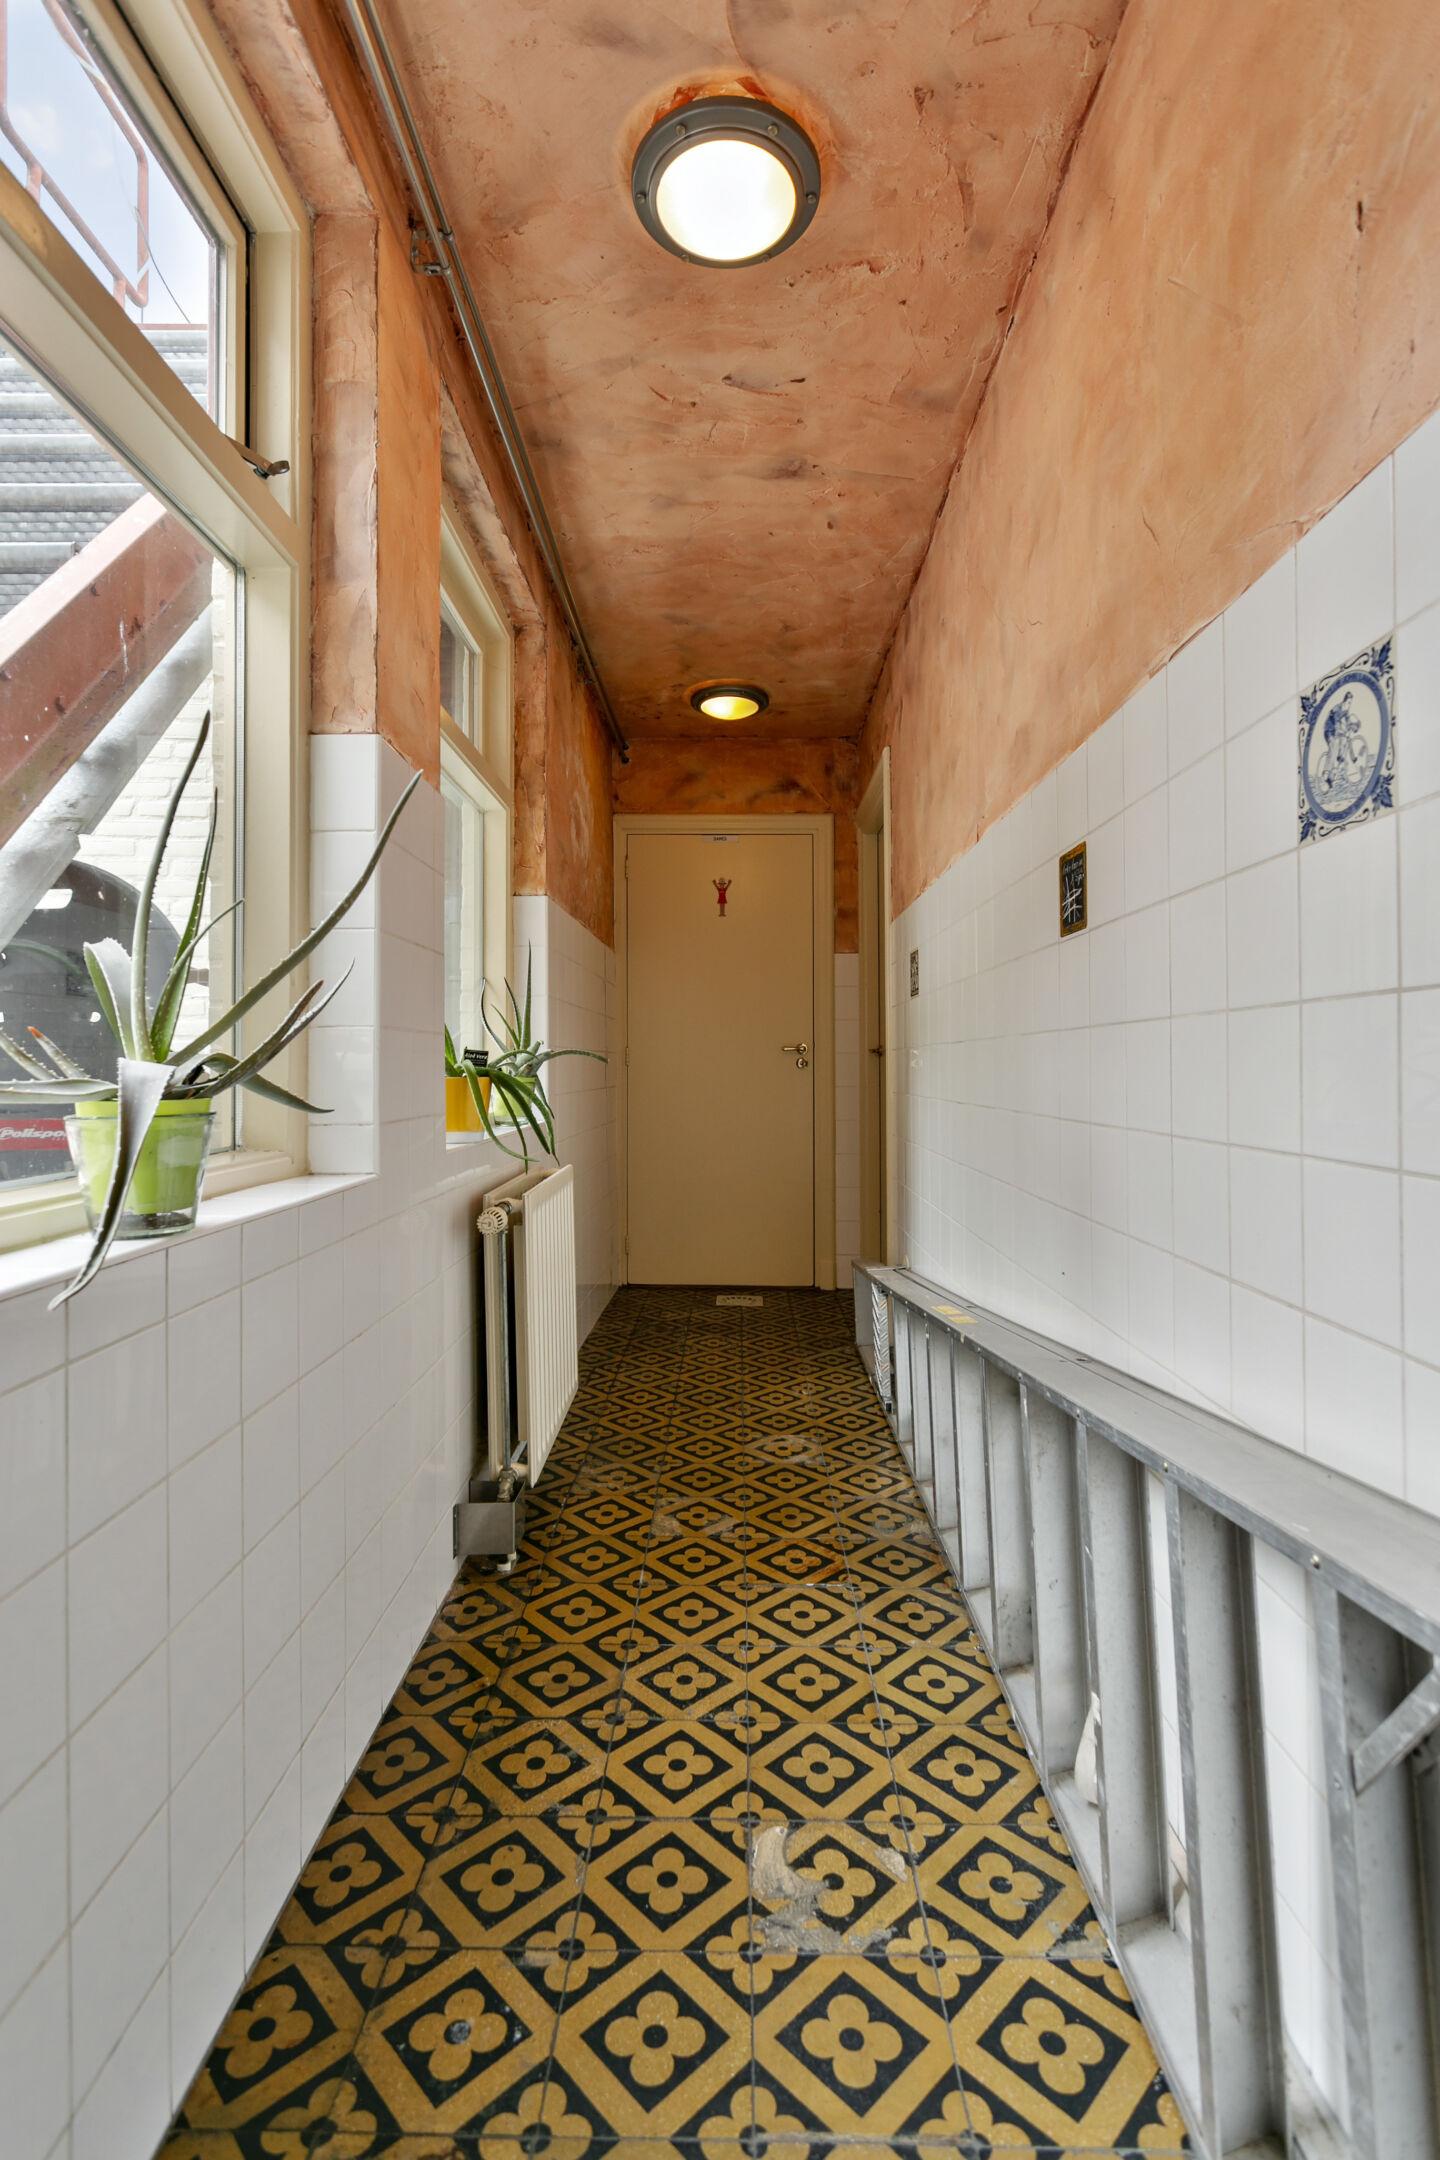 11546-lievevrouwestraat_46_-bergen_op_zoom-2621166509